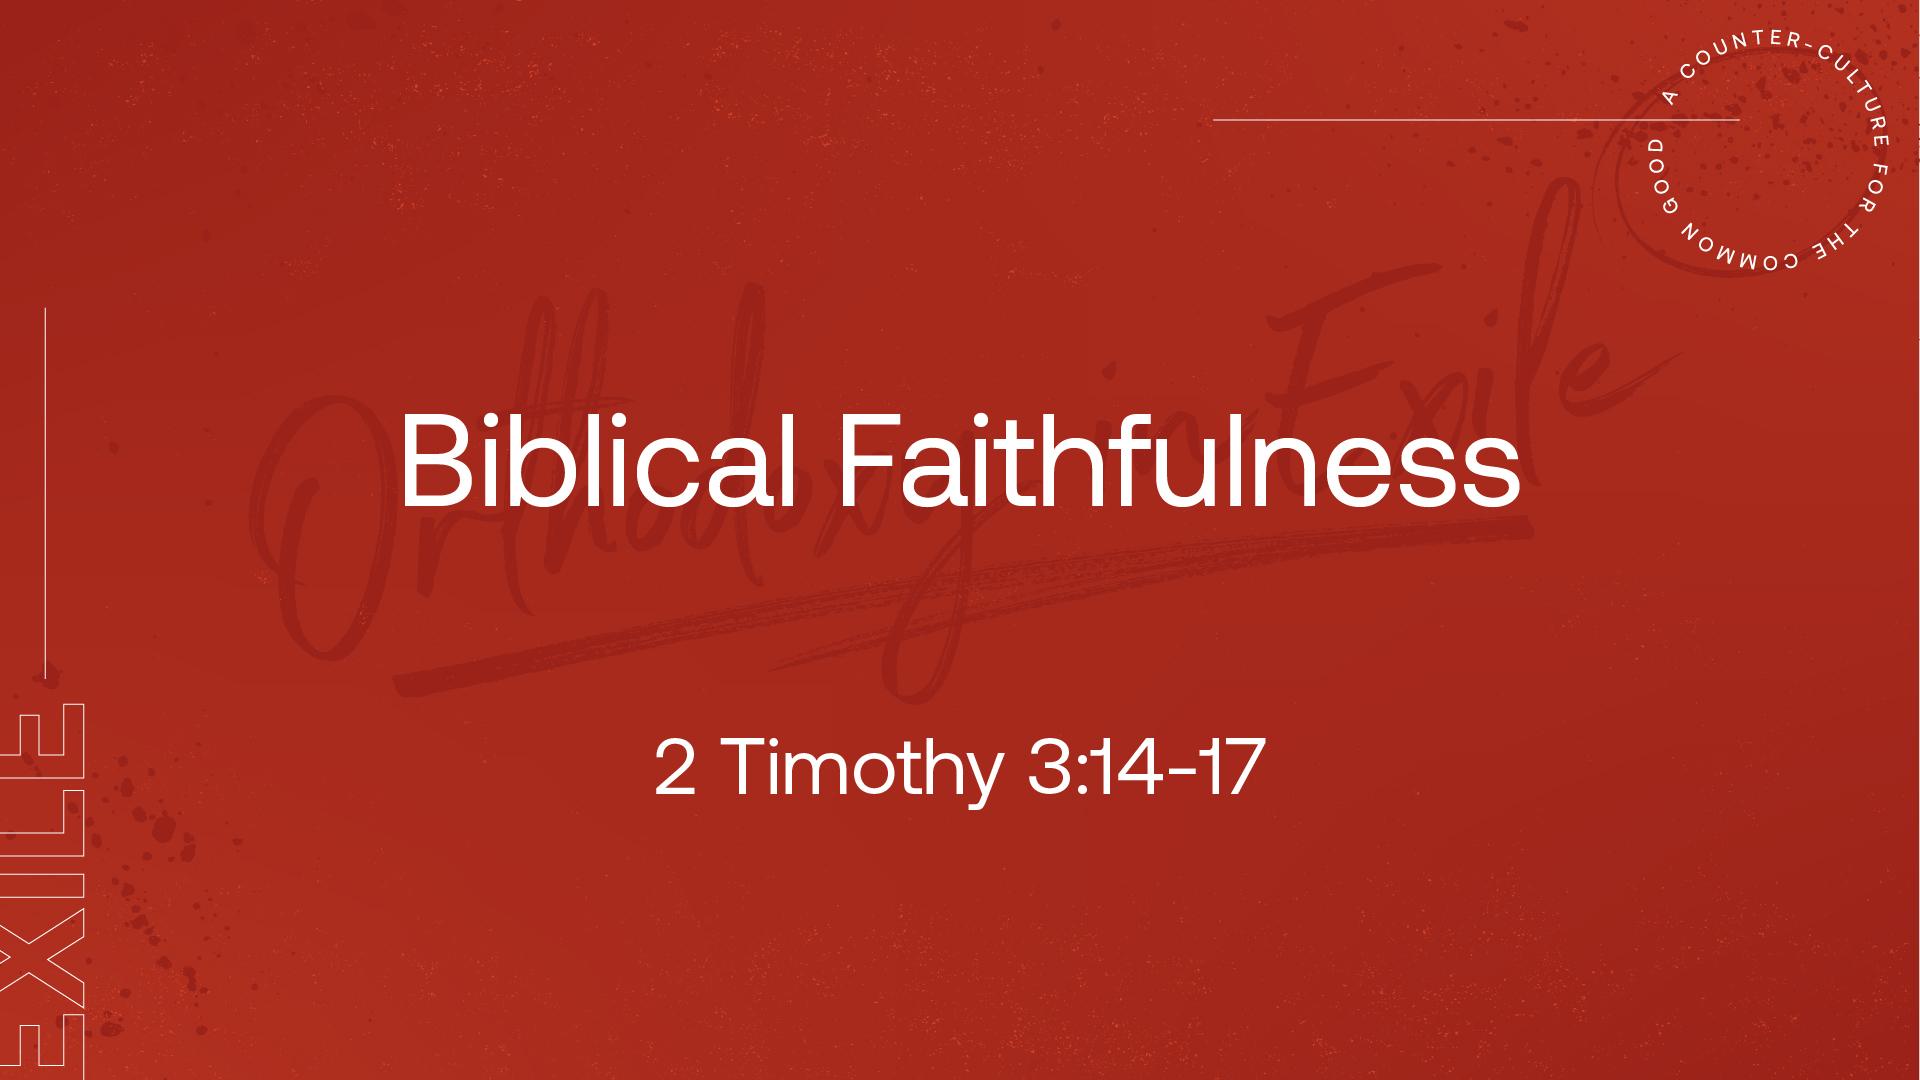 Biblical Faithfulness